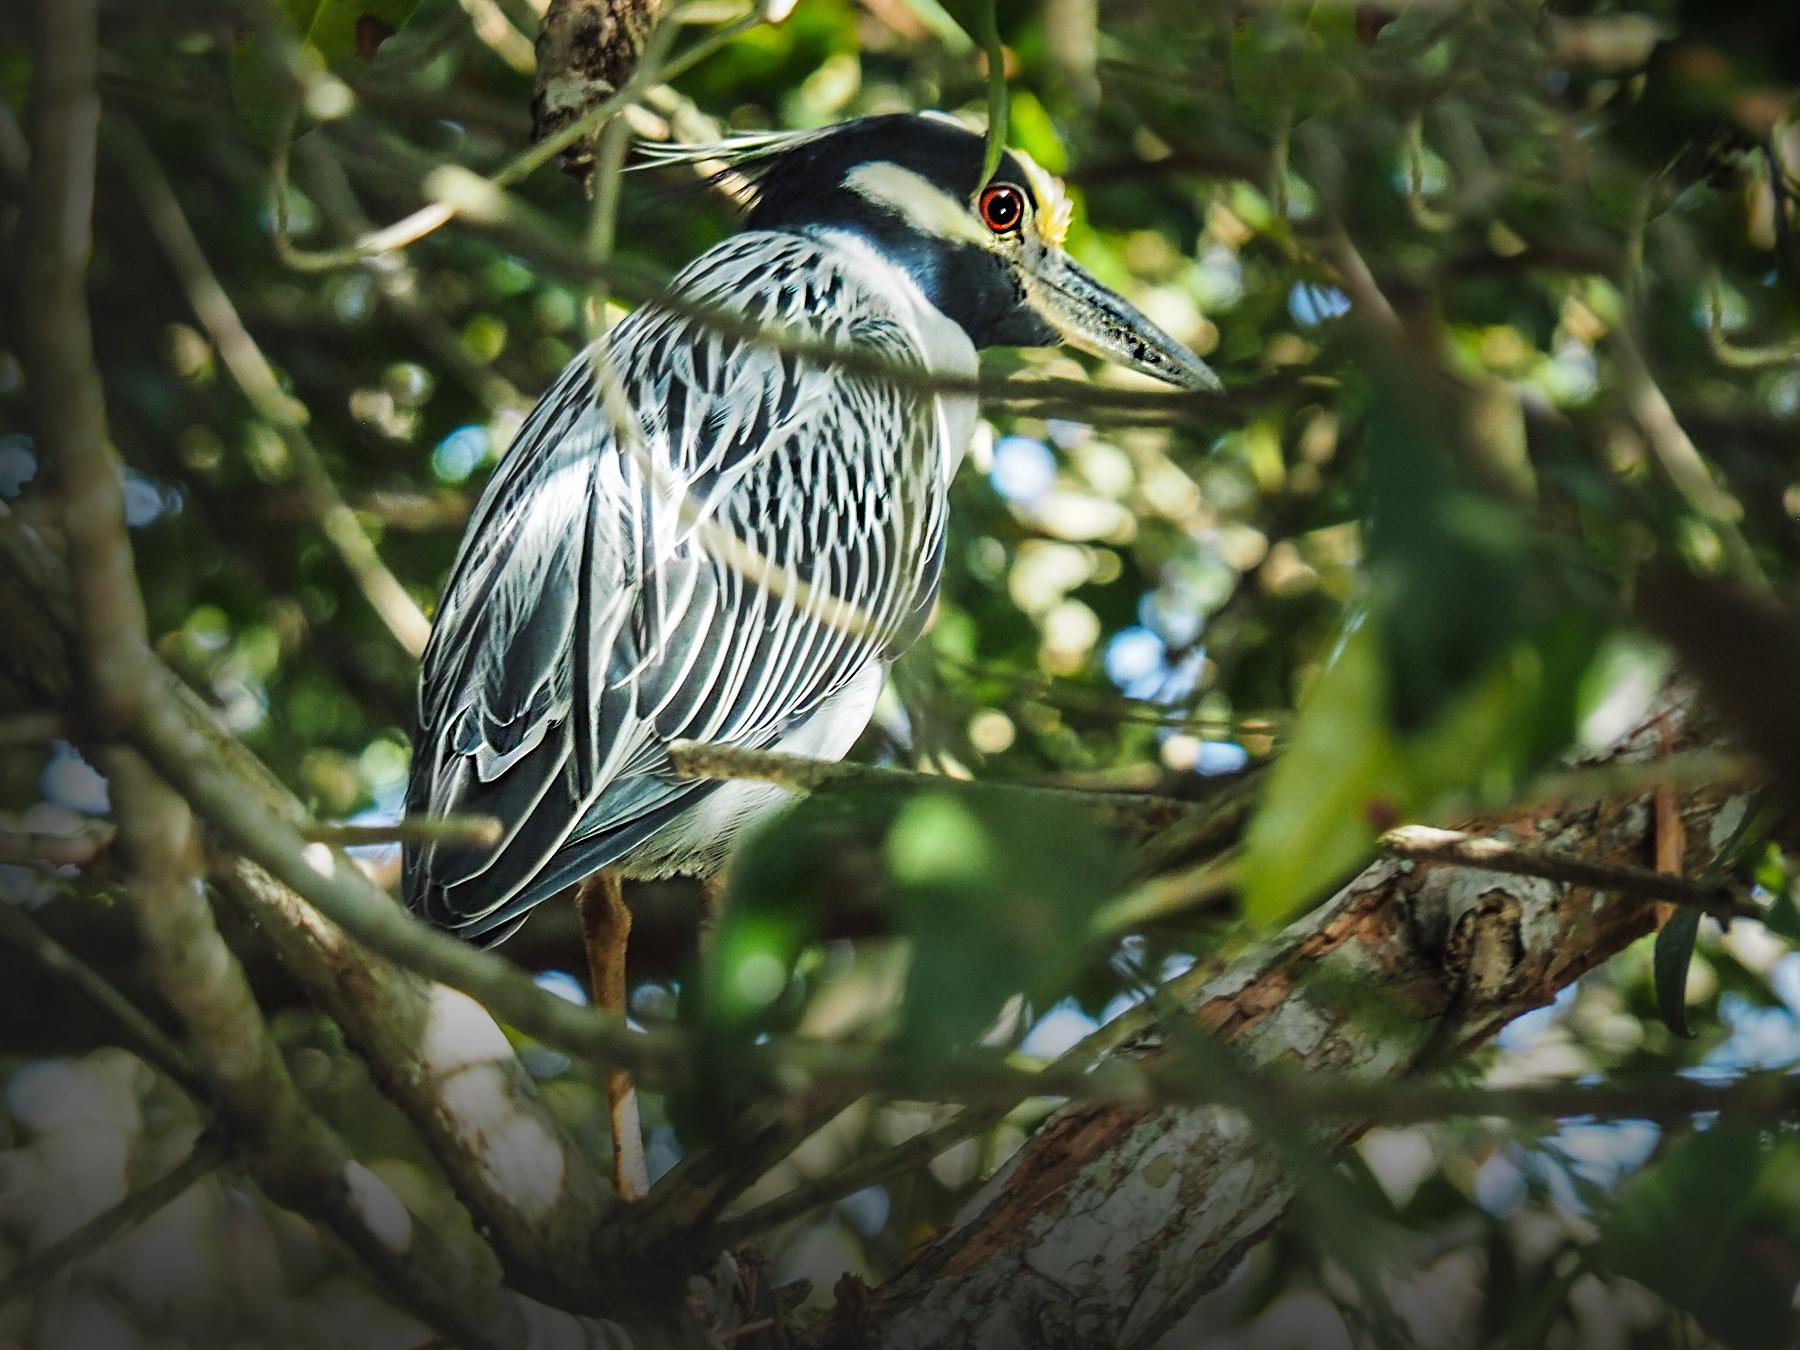 Hübscher kleiner Vogel in den Mangrovensümpfen